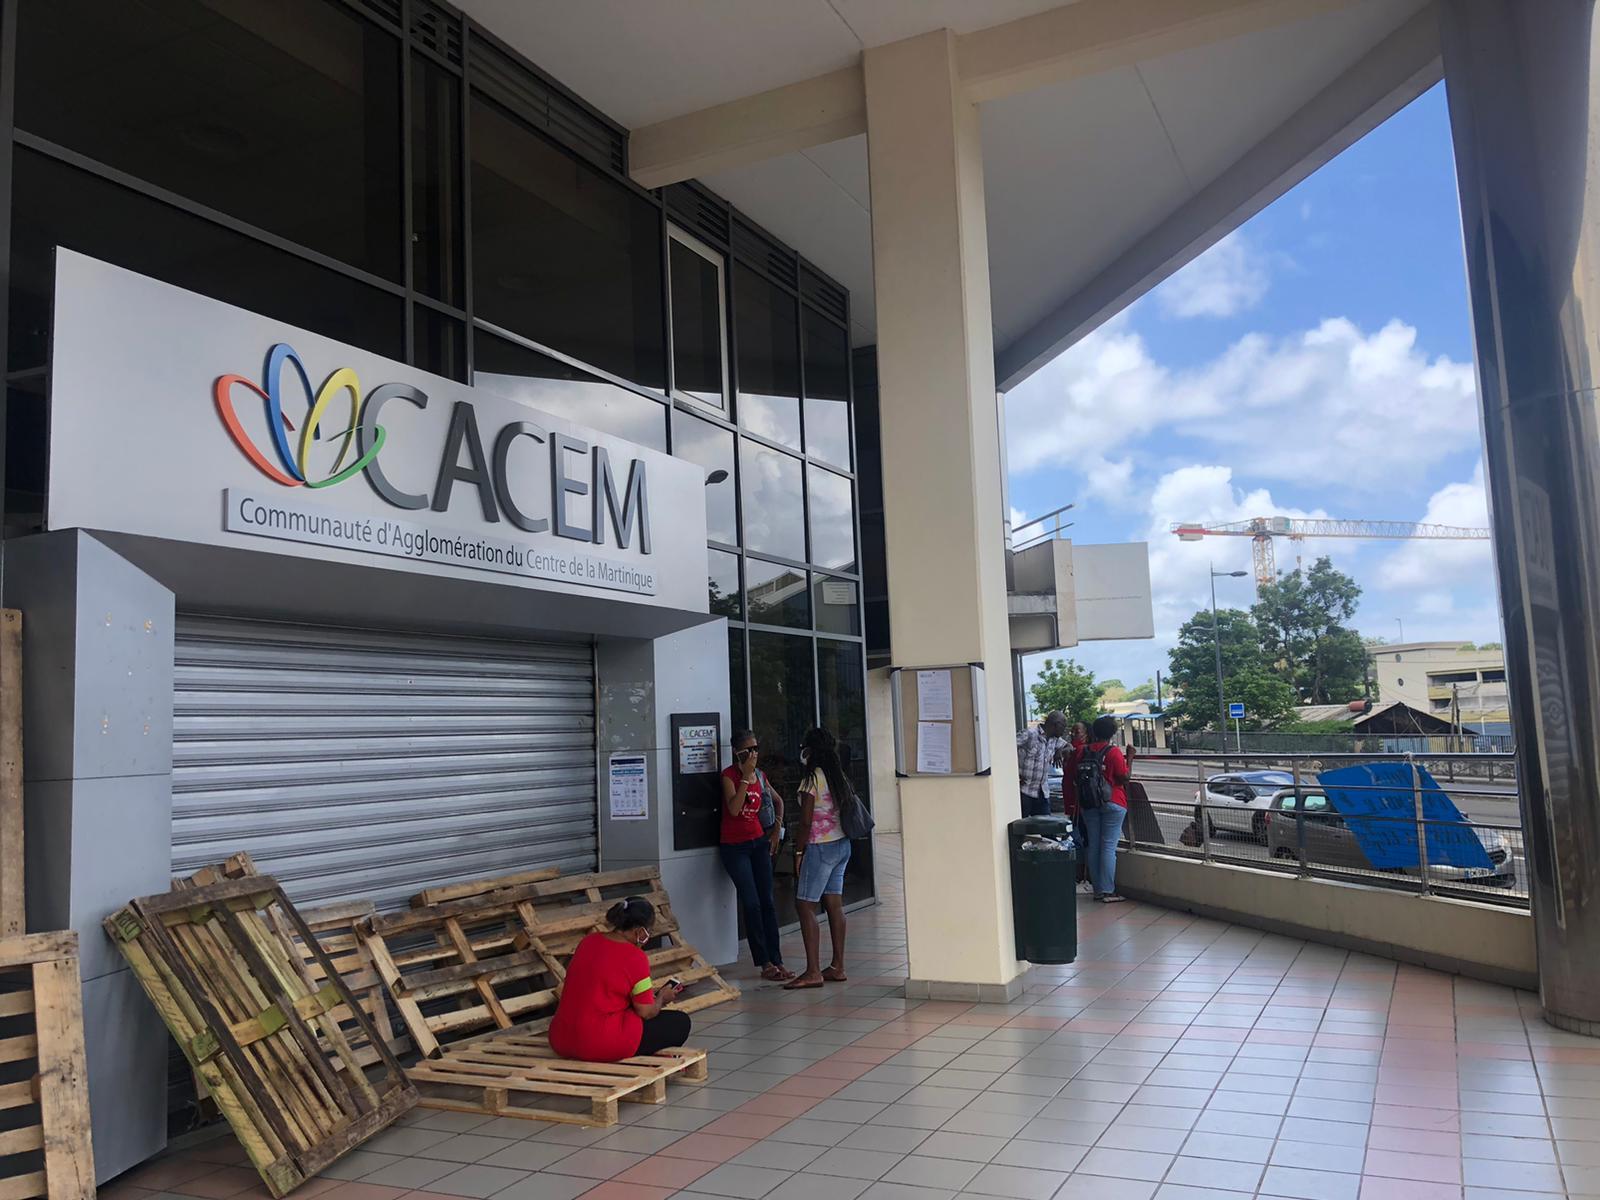 La grève continue à la Cacem